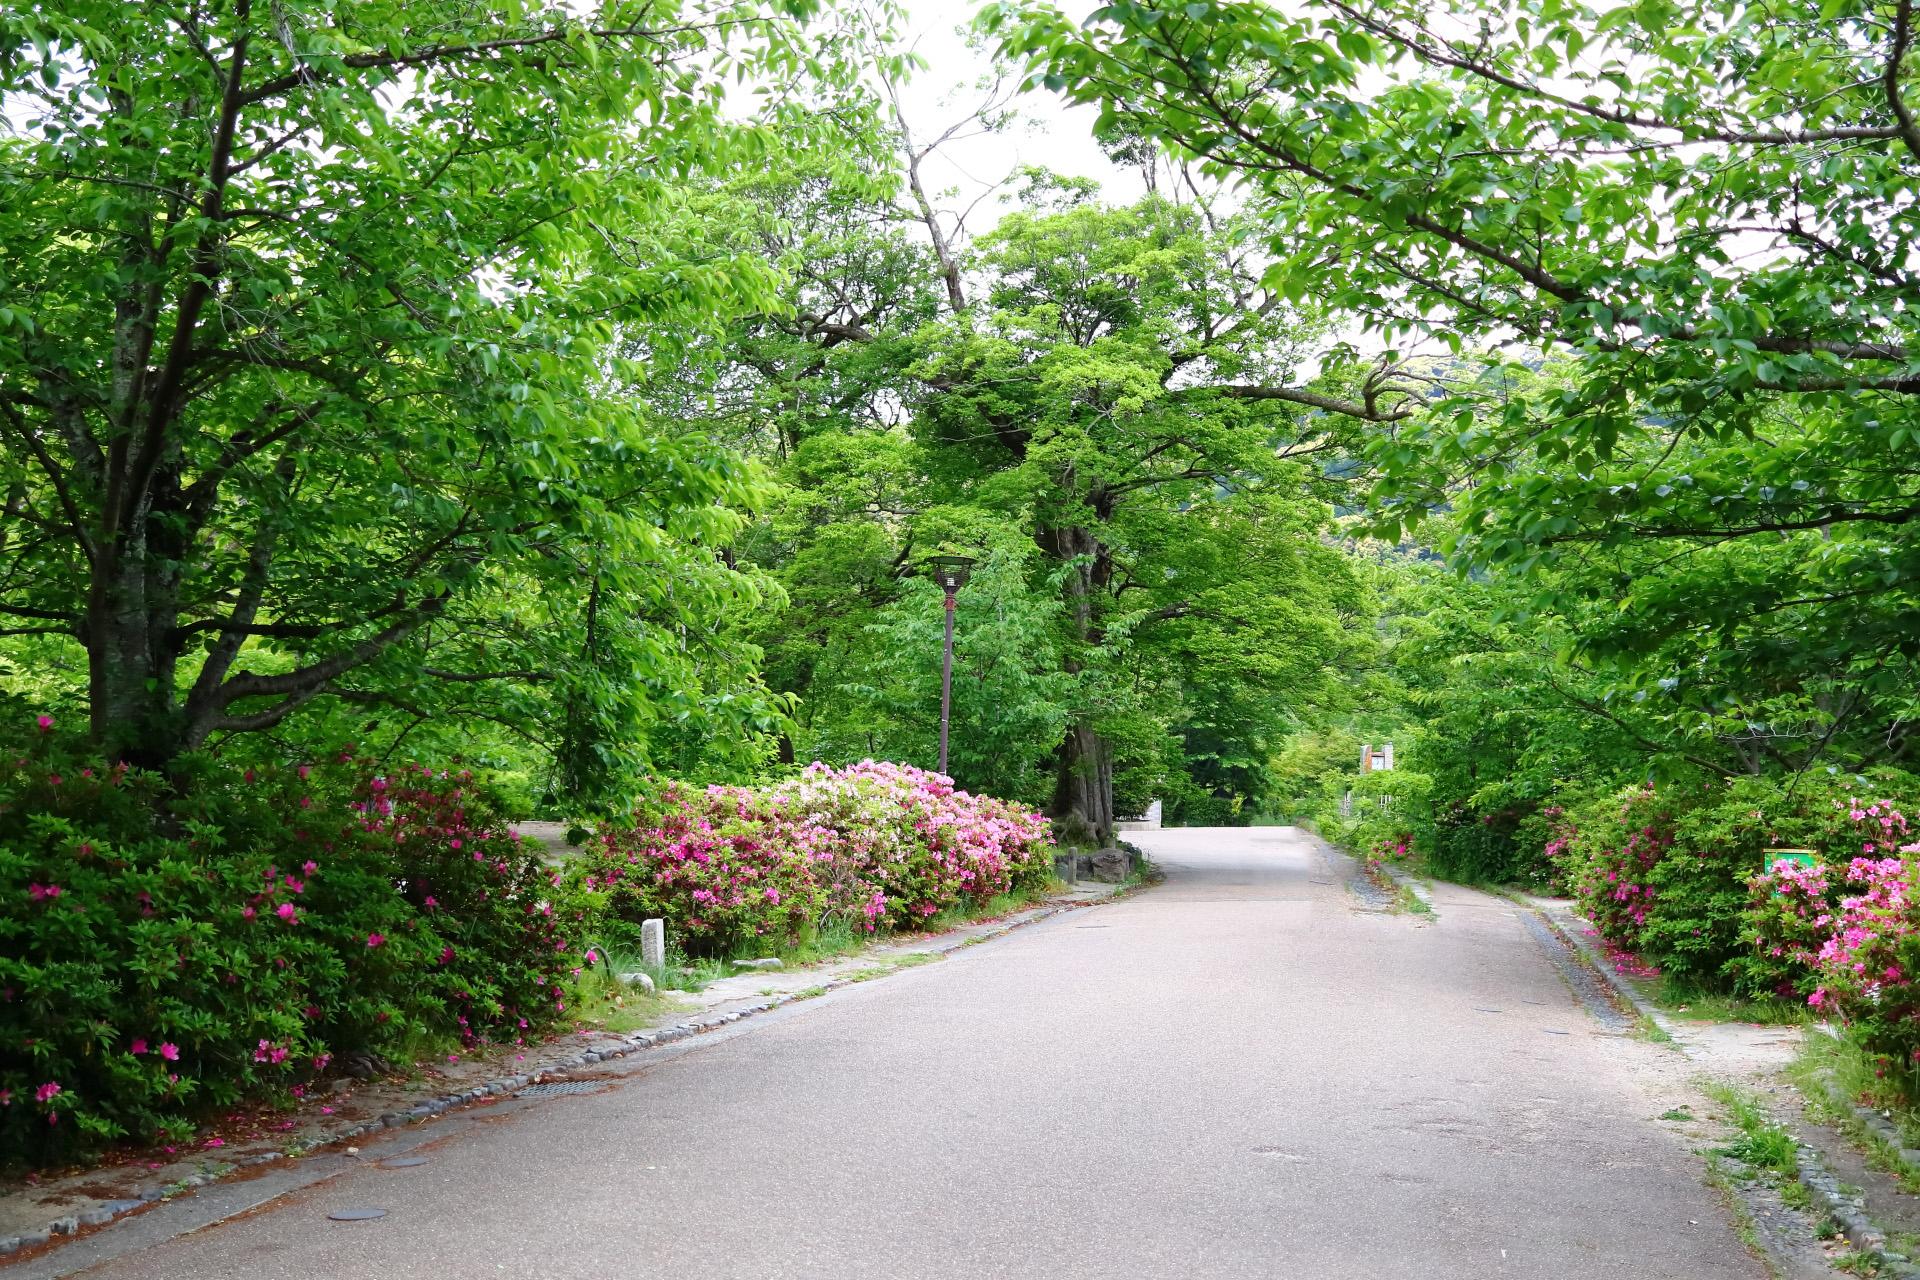 京都市・円山公園(明治19年誕生、京都市で最も古い公園)面積86,641平方メートル